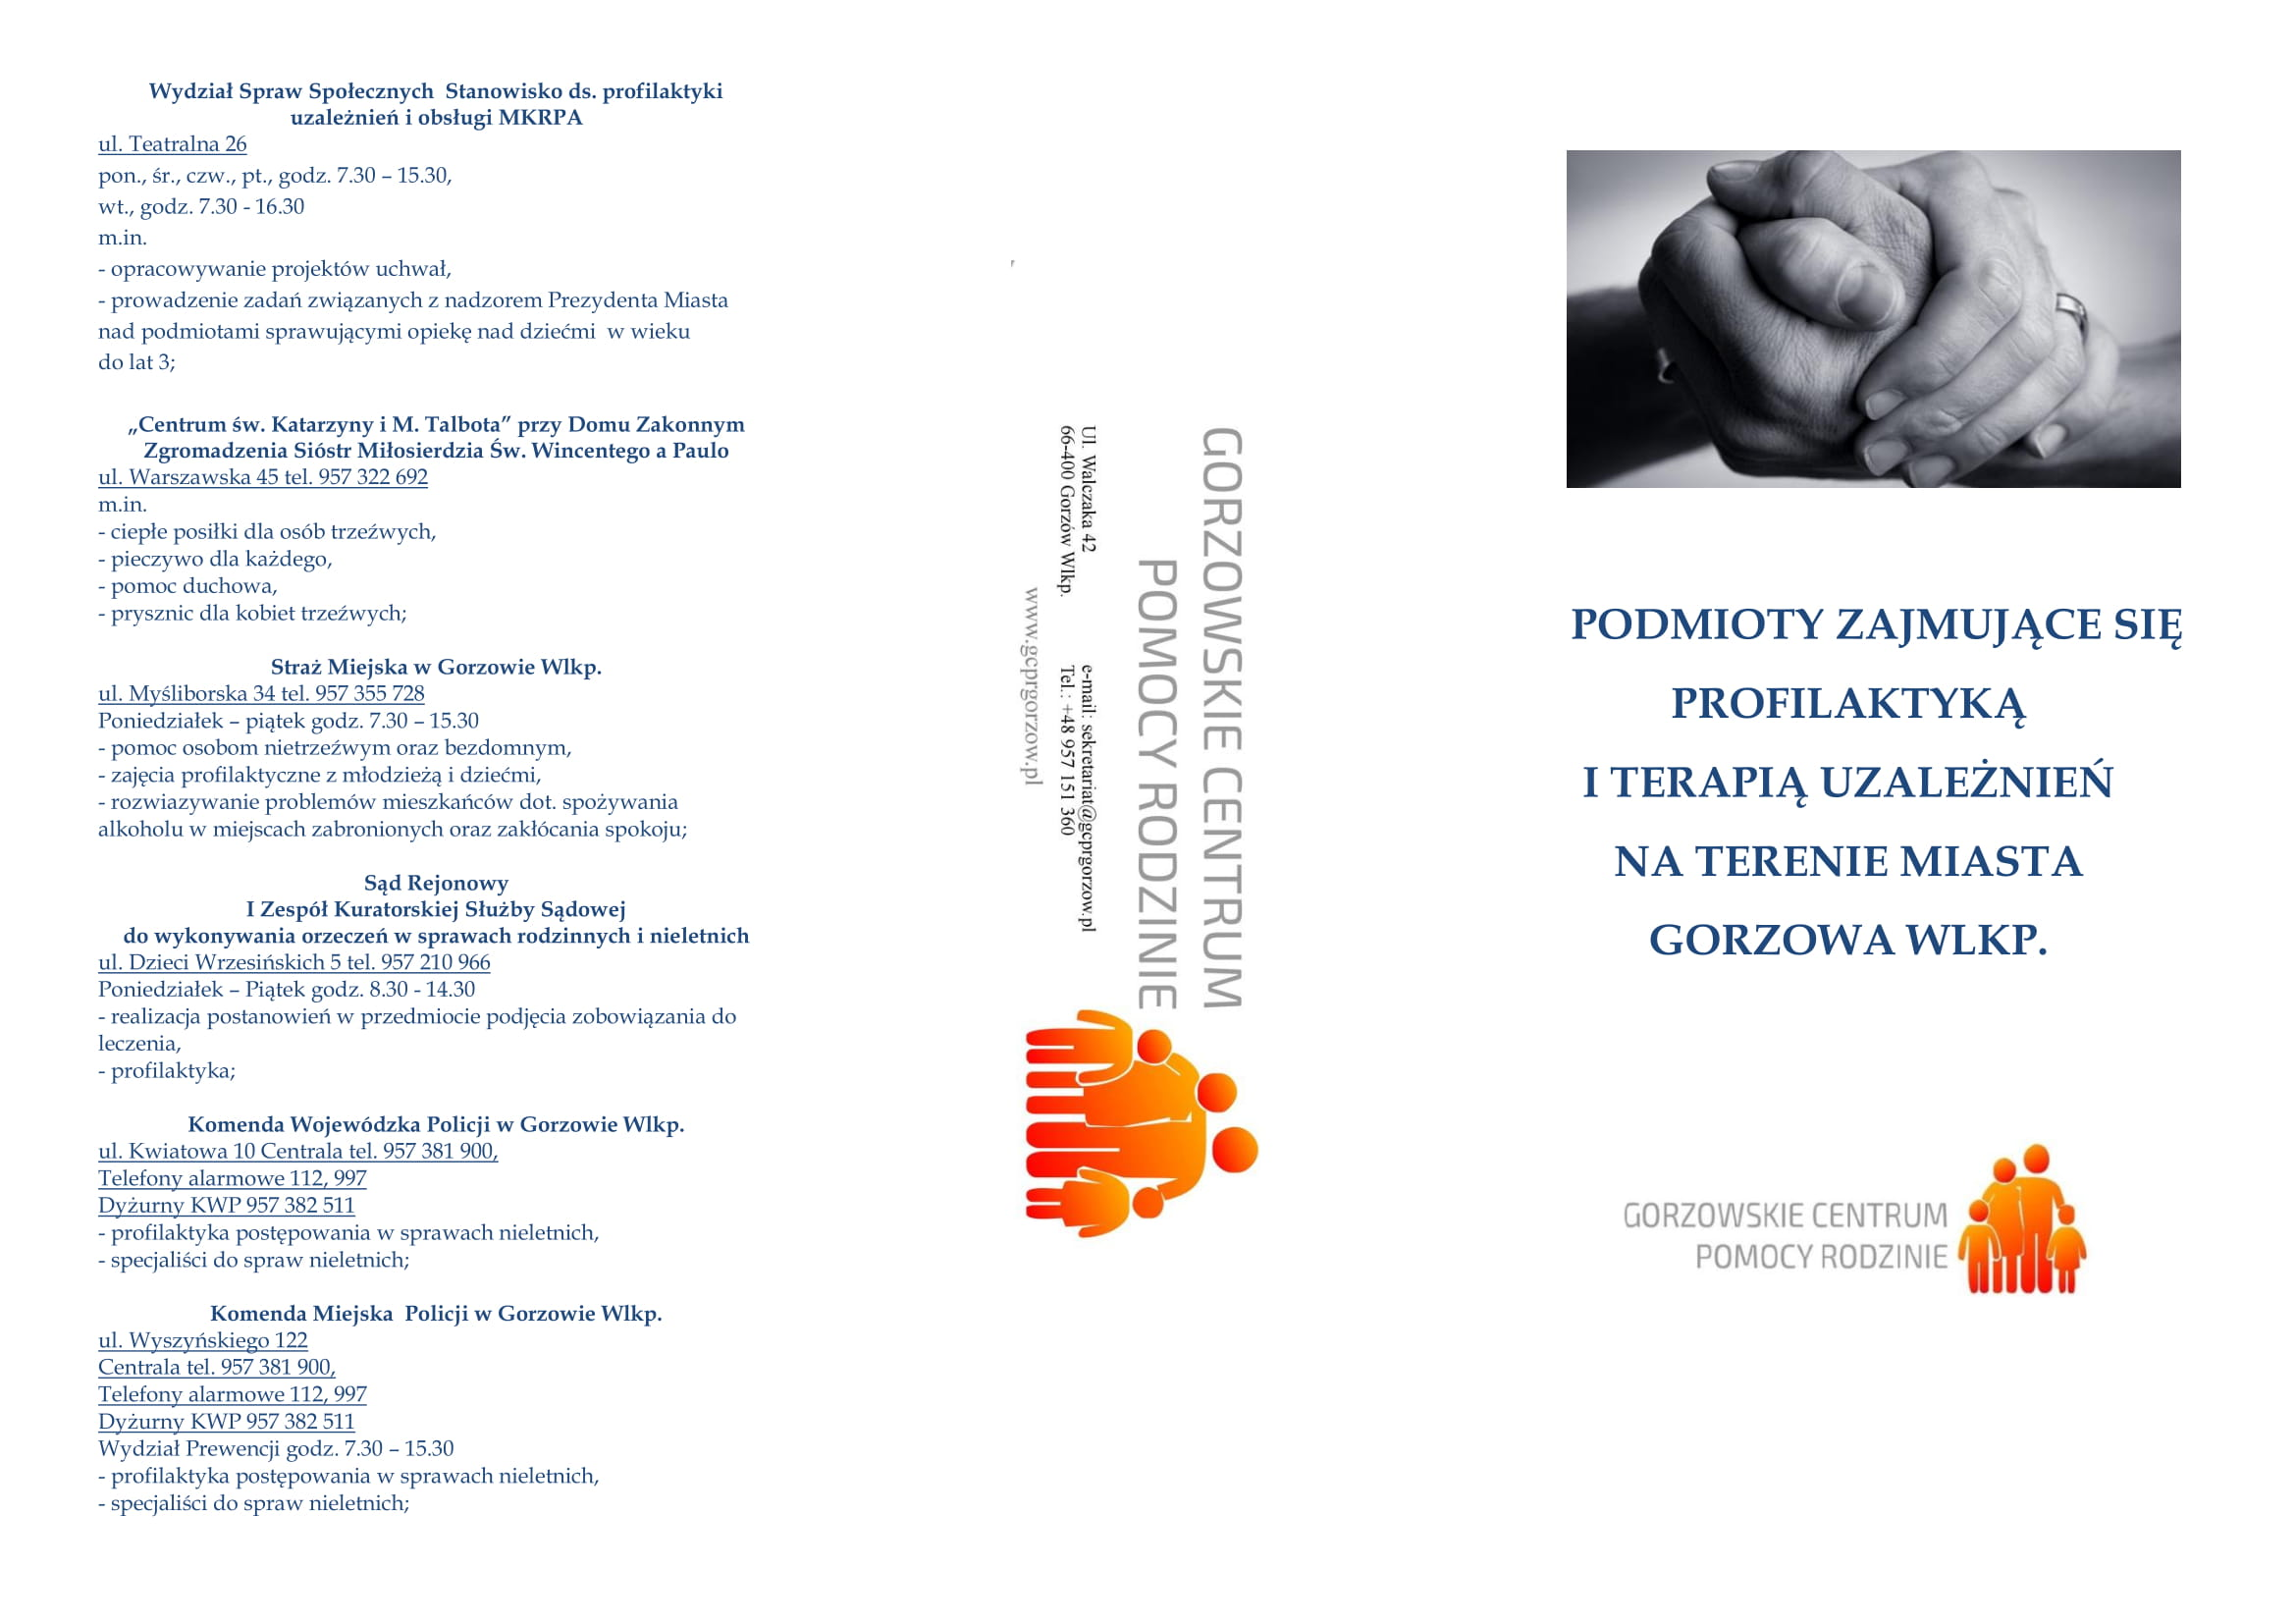 podmioty zajmujące się profilaktyką iterapią uzależnień naterenie miasta Gorzowa